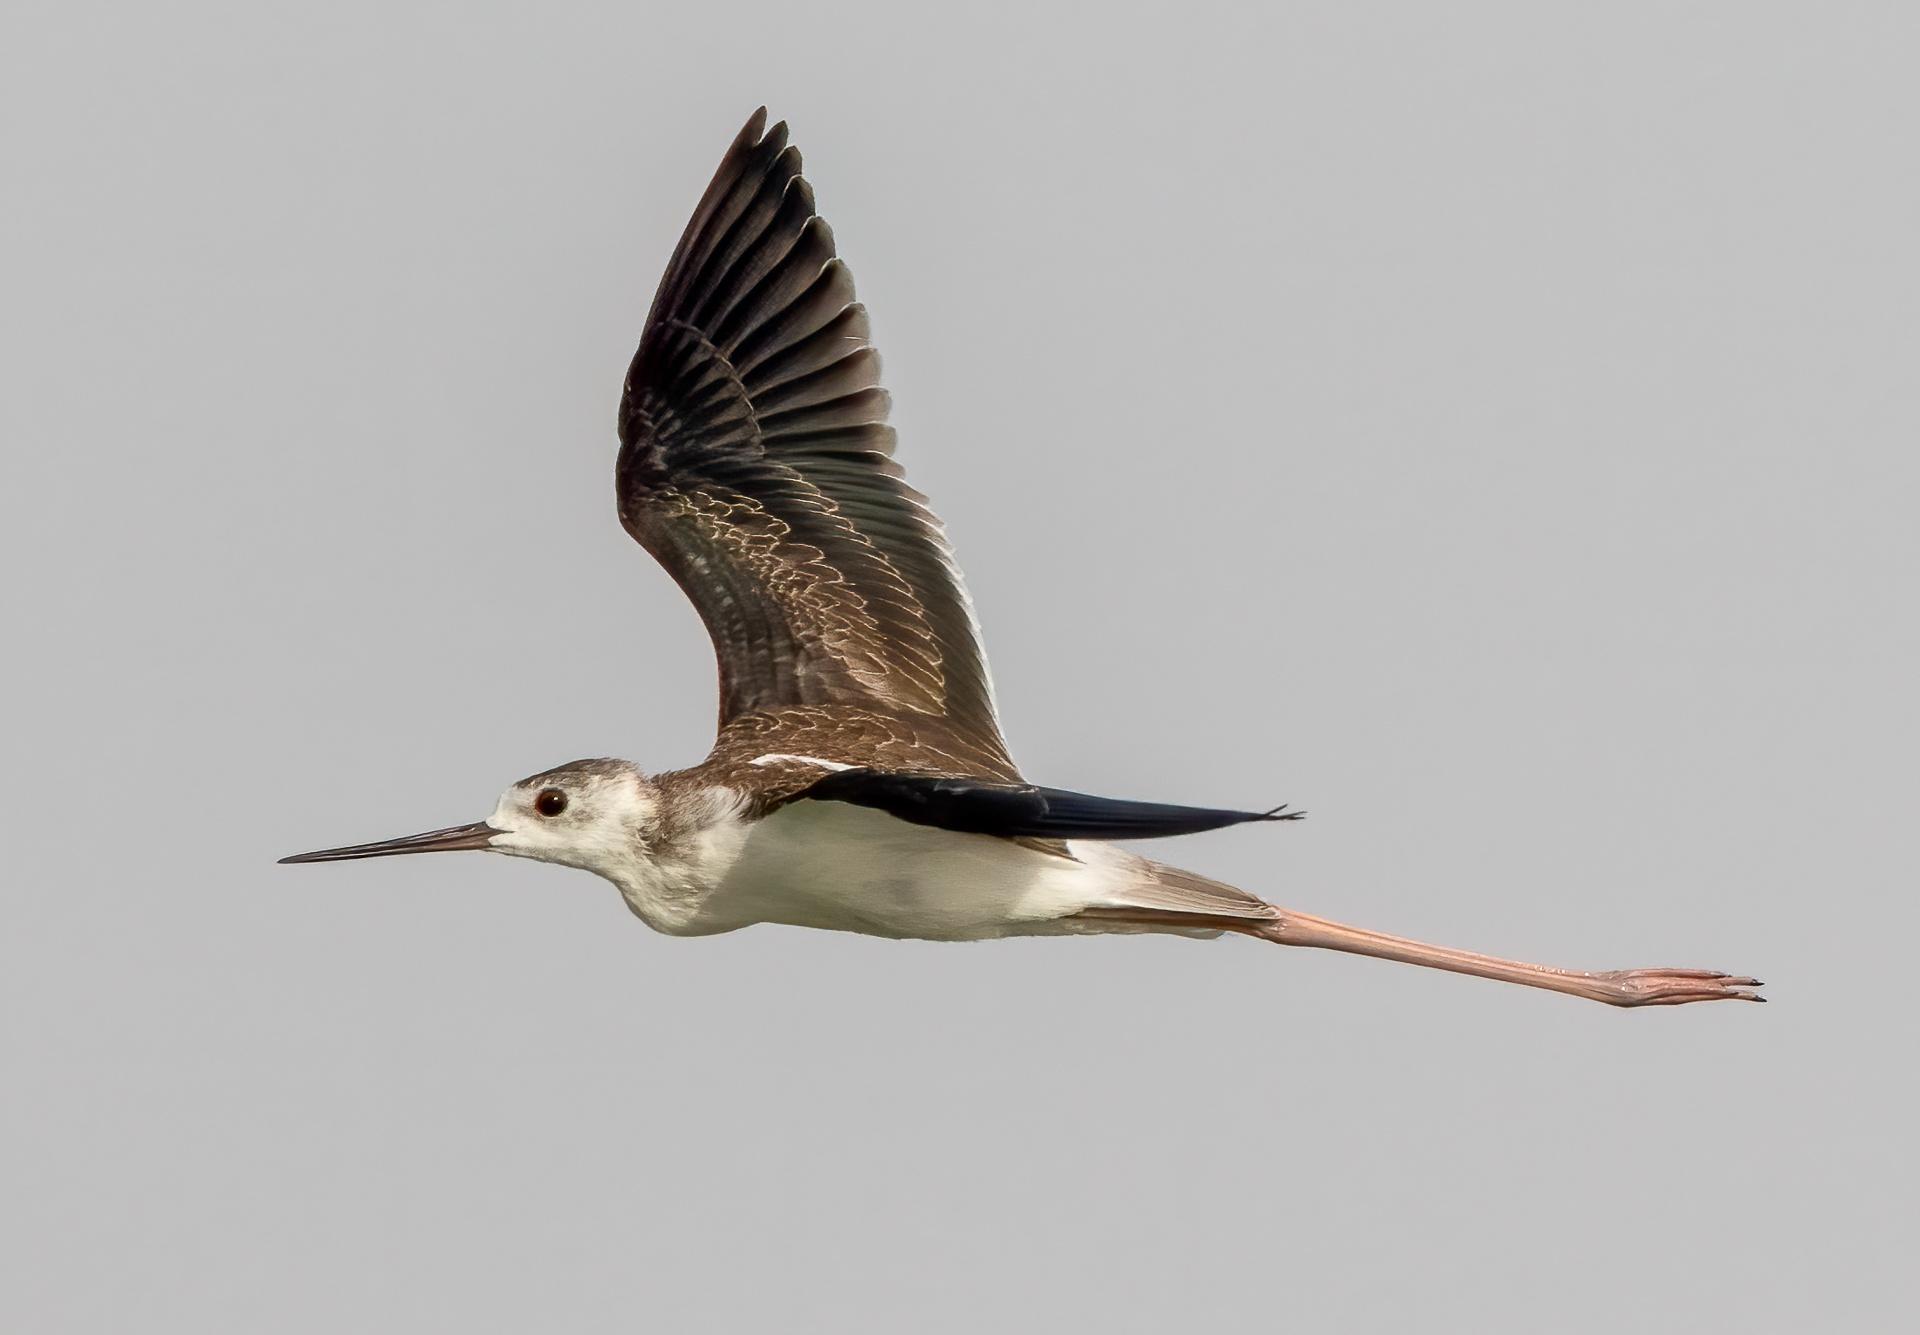 Juvenile black-winged stilt in flight